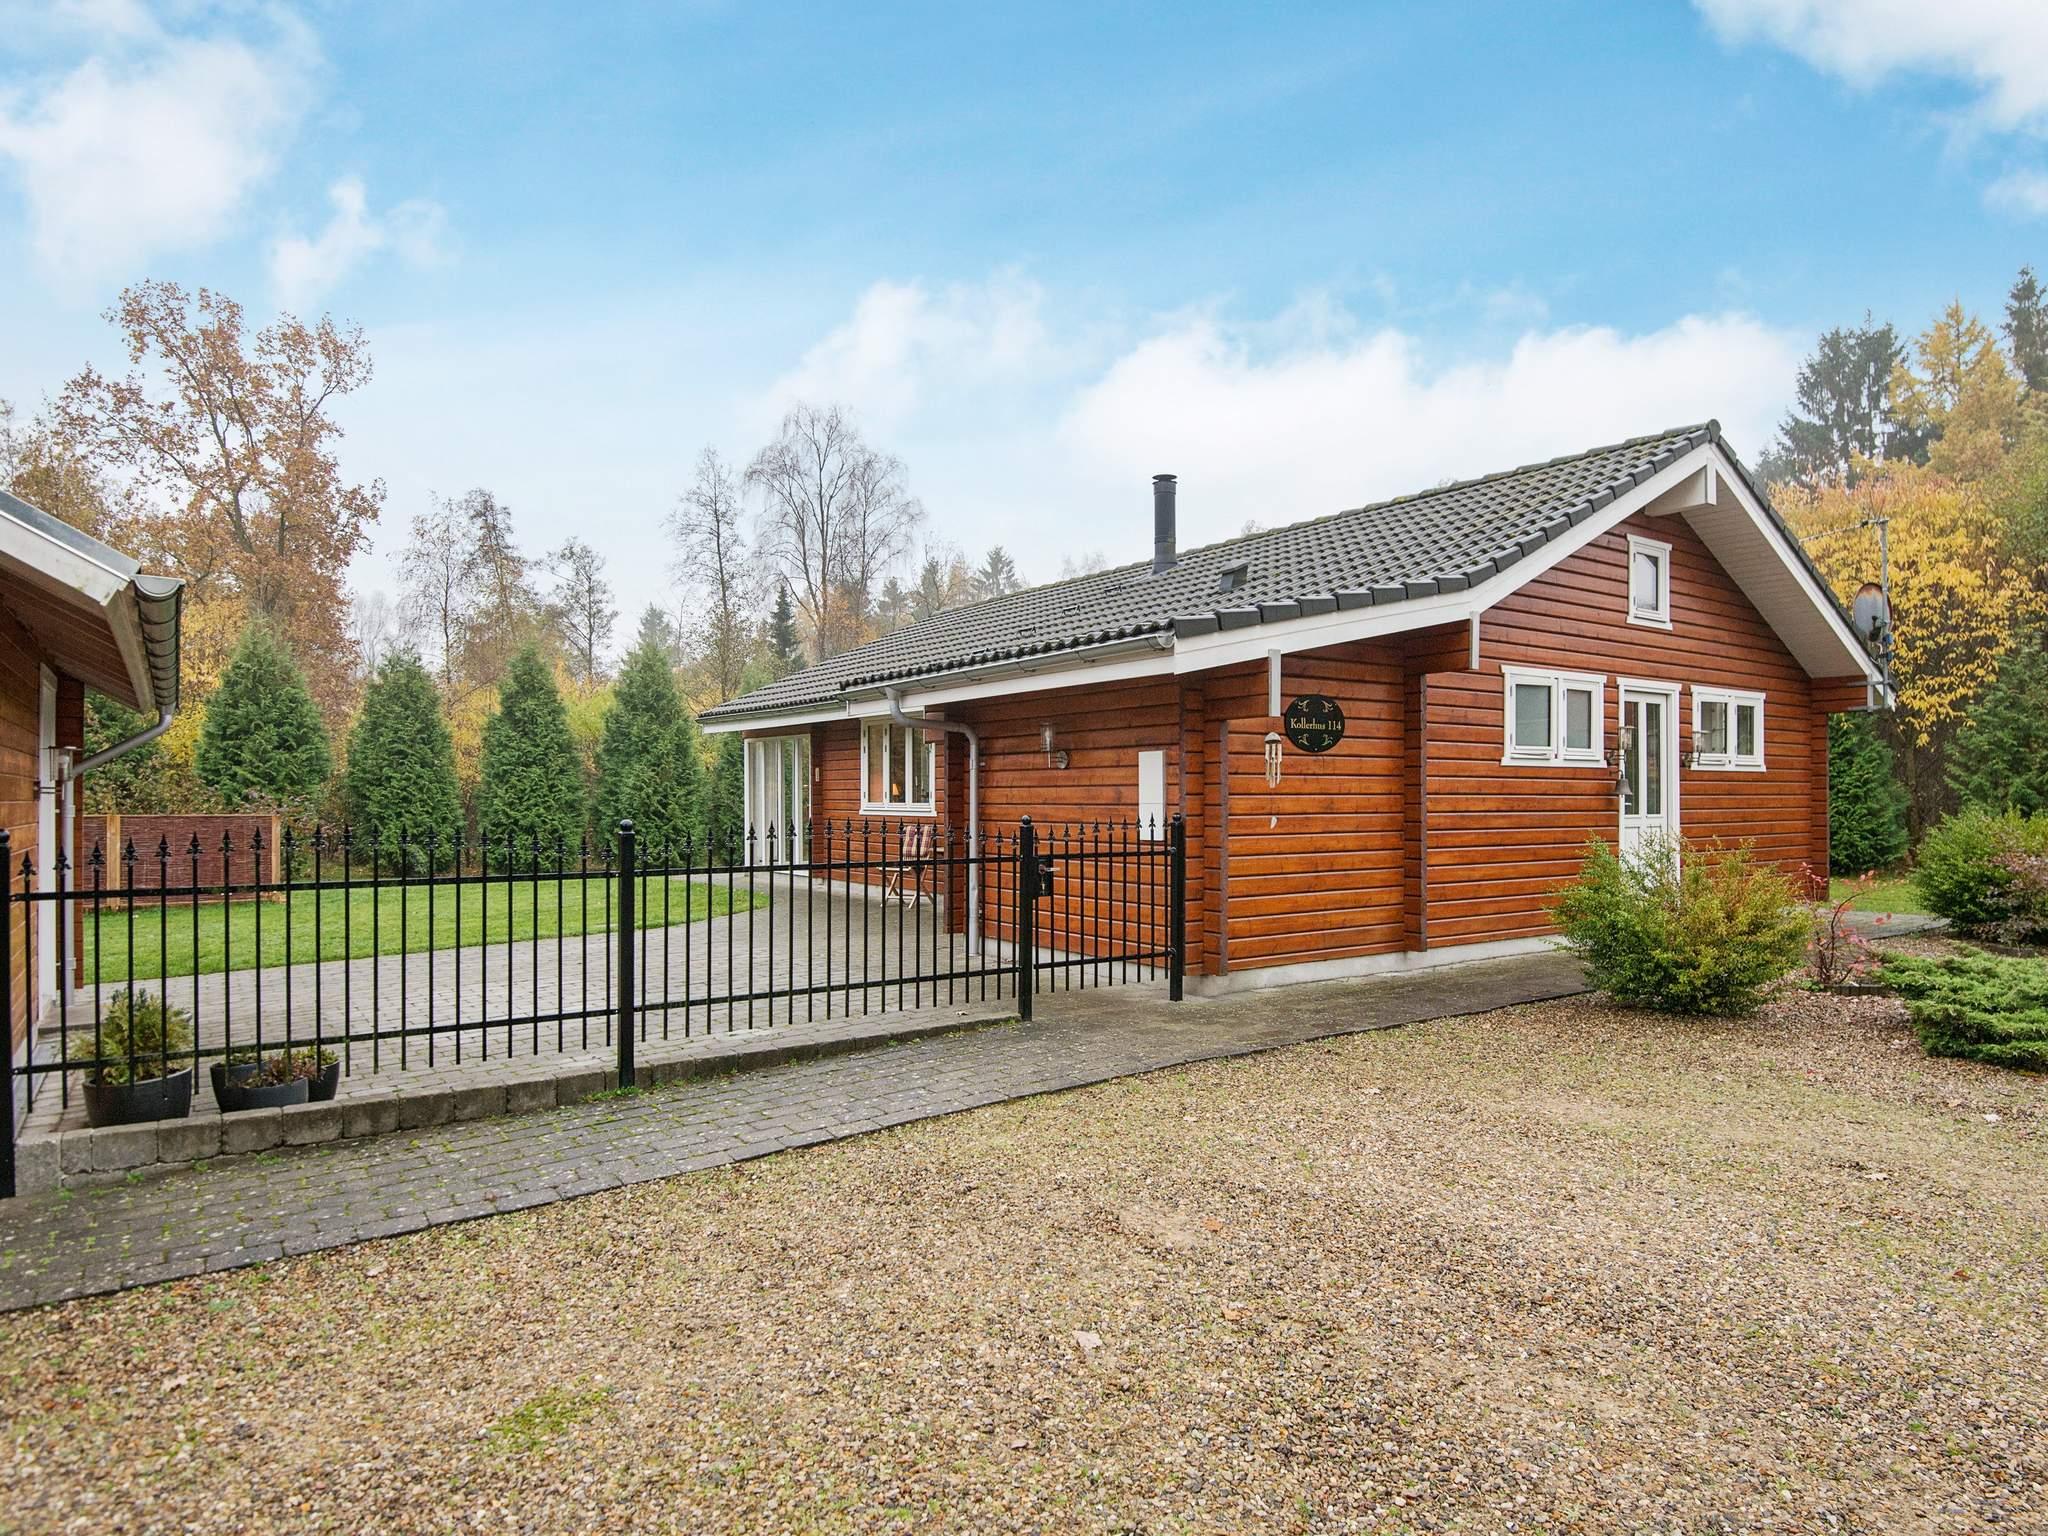 Ferienhaus Silkeborg (2523712), Silkeborg, , Ostjütland, Dänemark, Bild 1